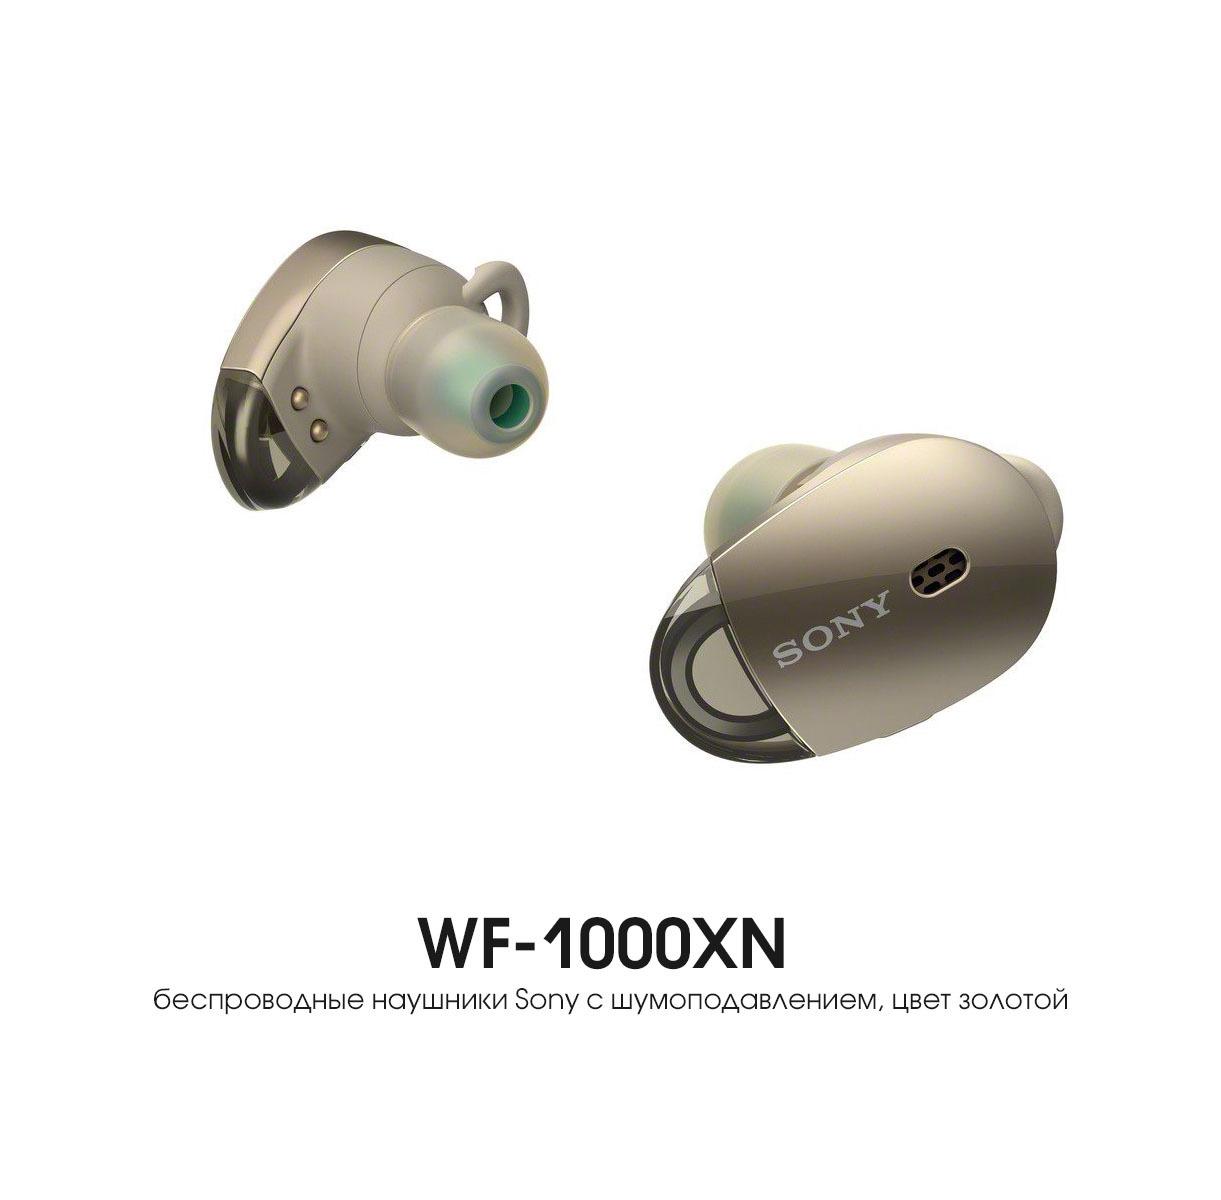 Беспроводные наушники Sony WF-1000XN с шумоподавлением